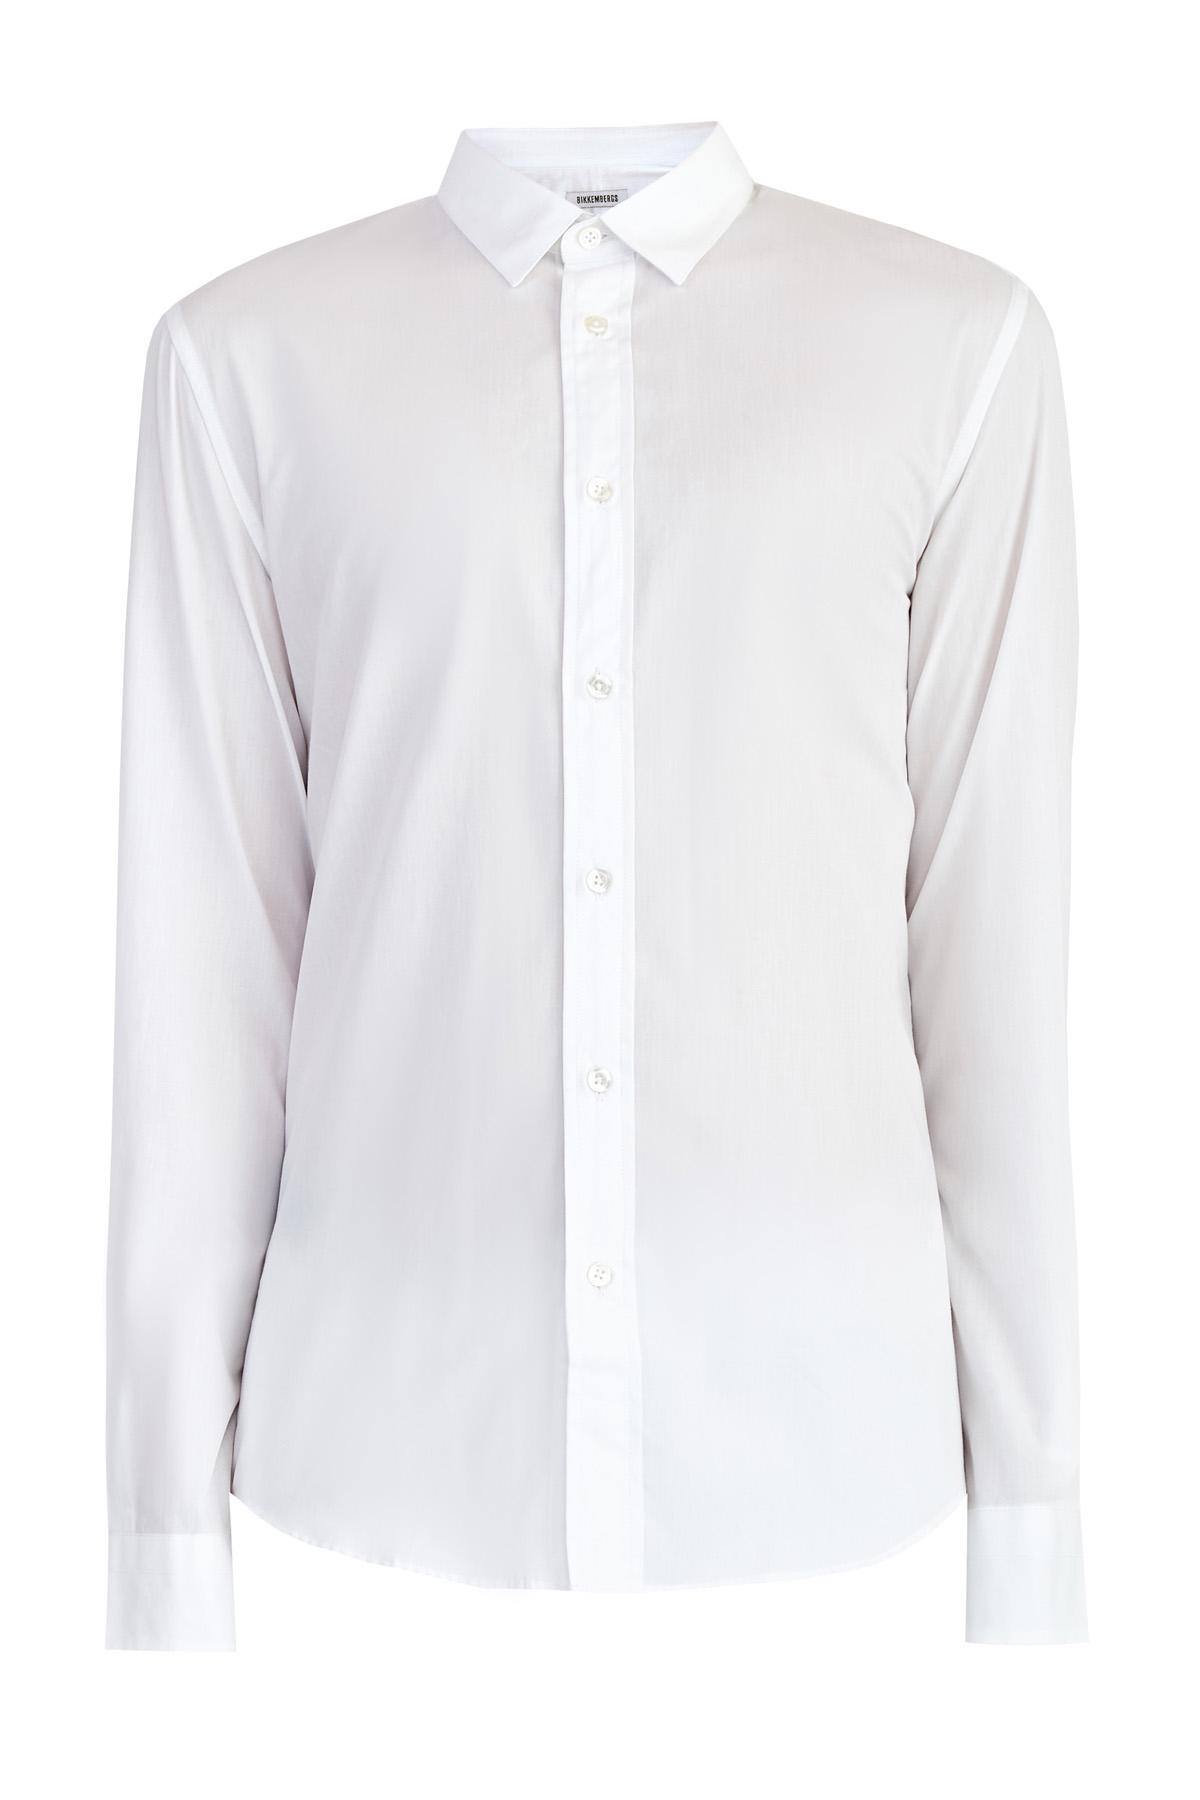 Свободная белая рубашка из поплина с аппликацией на спинке